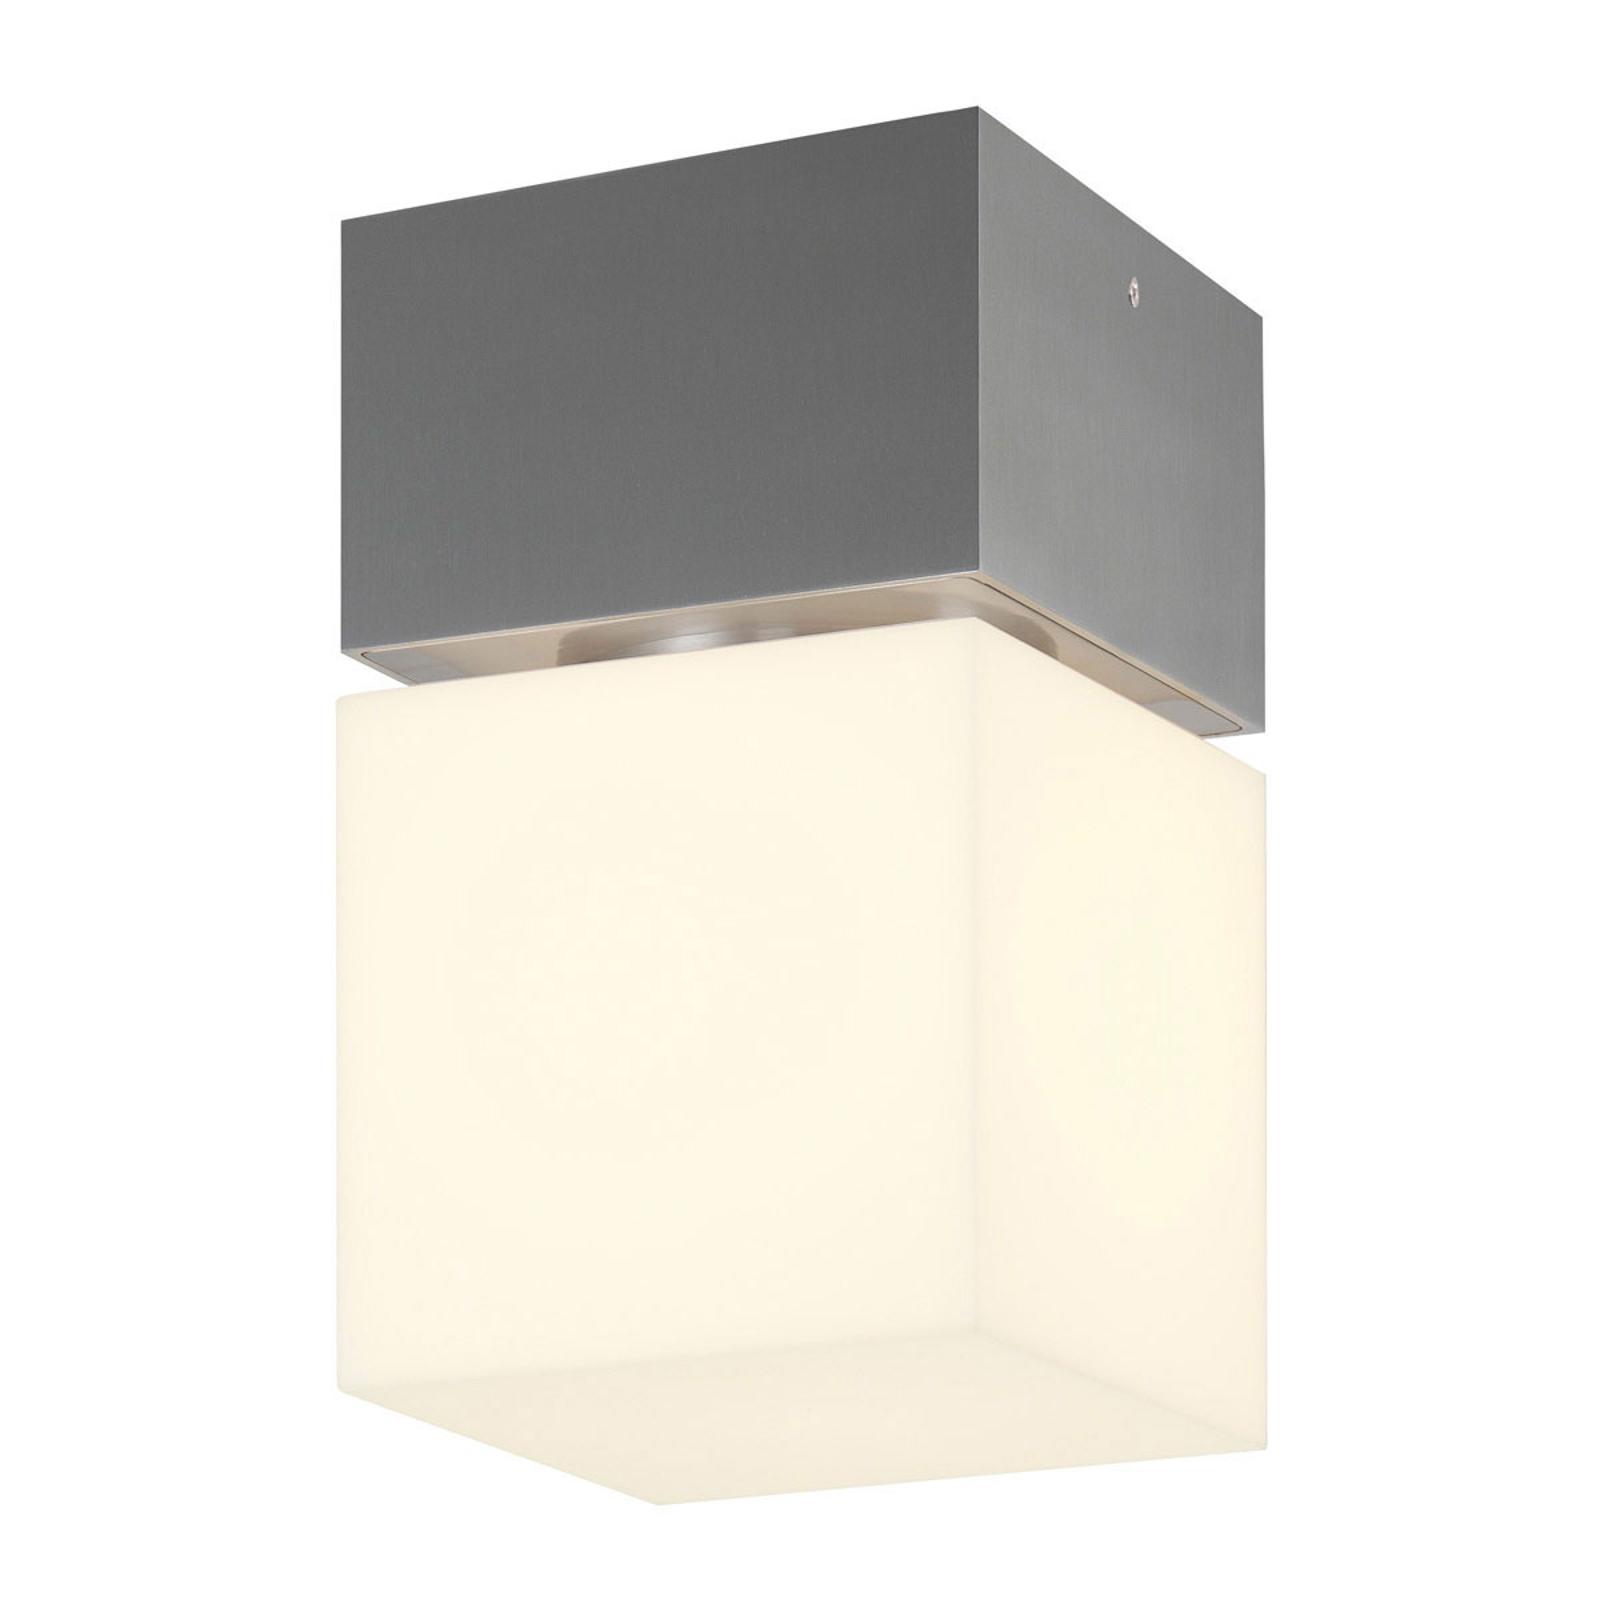 SLV Square plafonnier d'ext. LED acier inoxydable